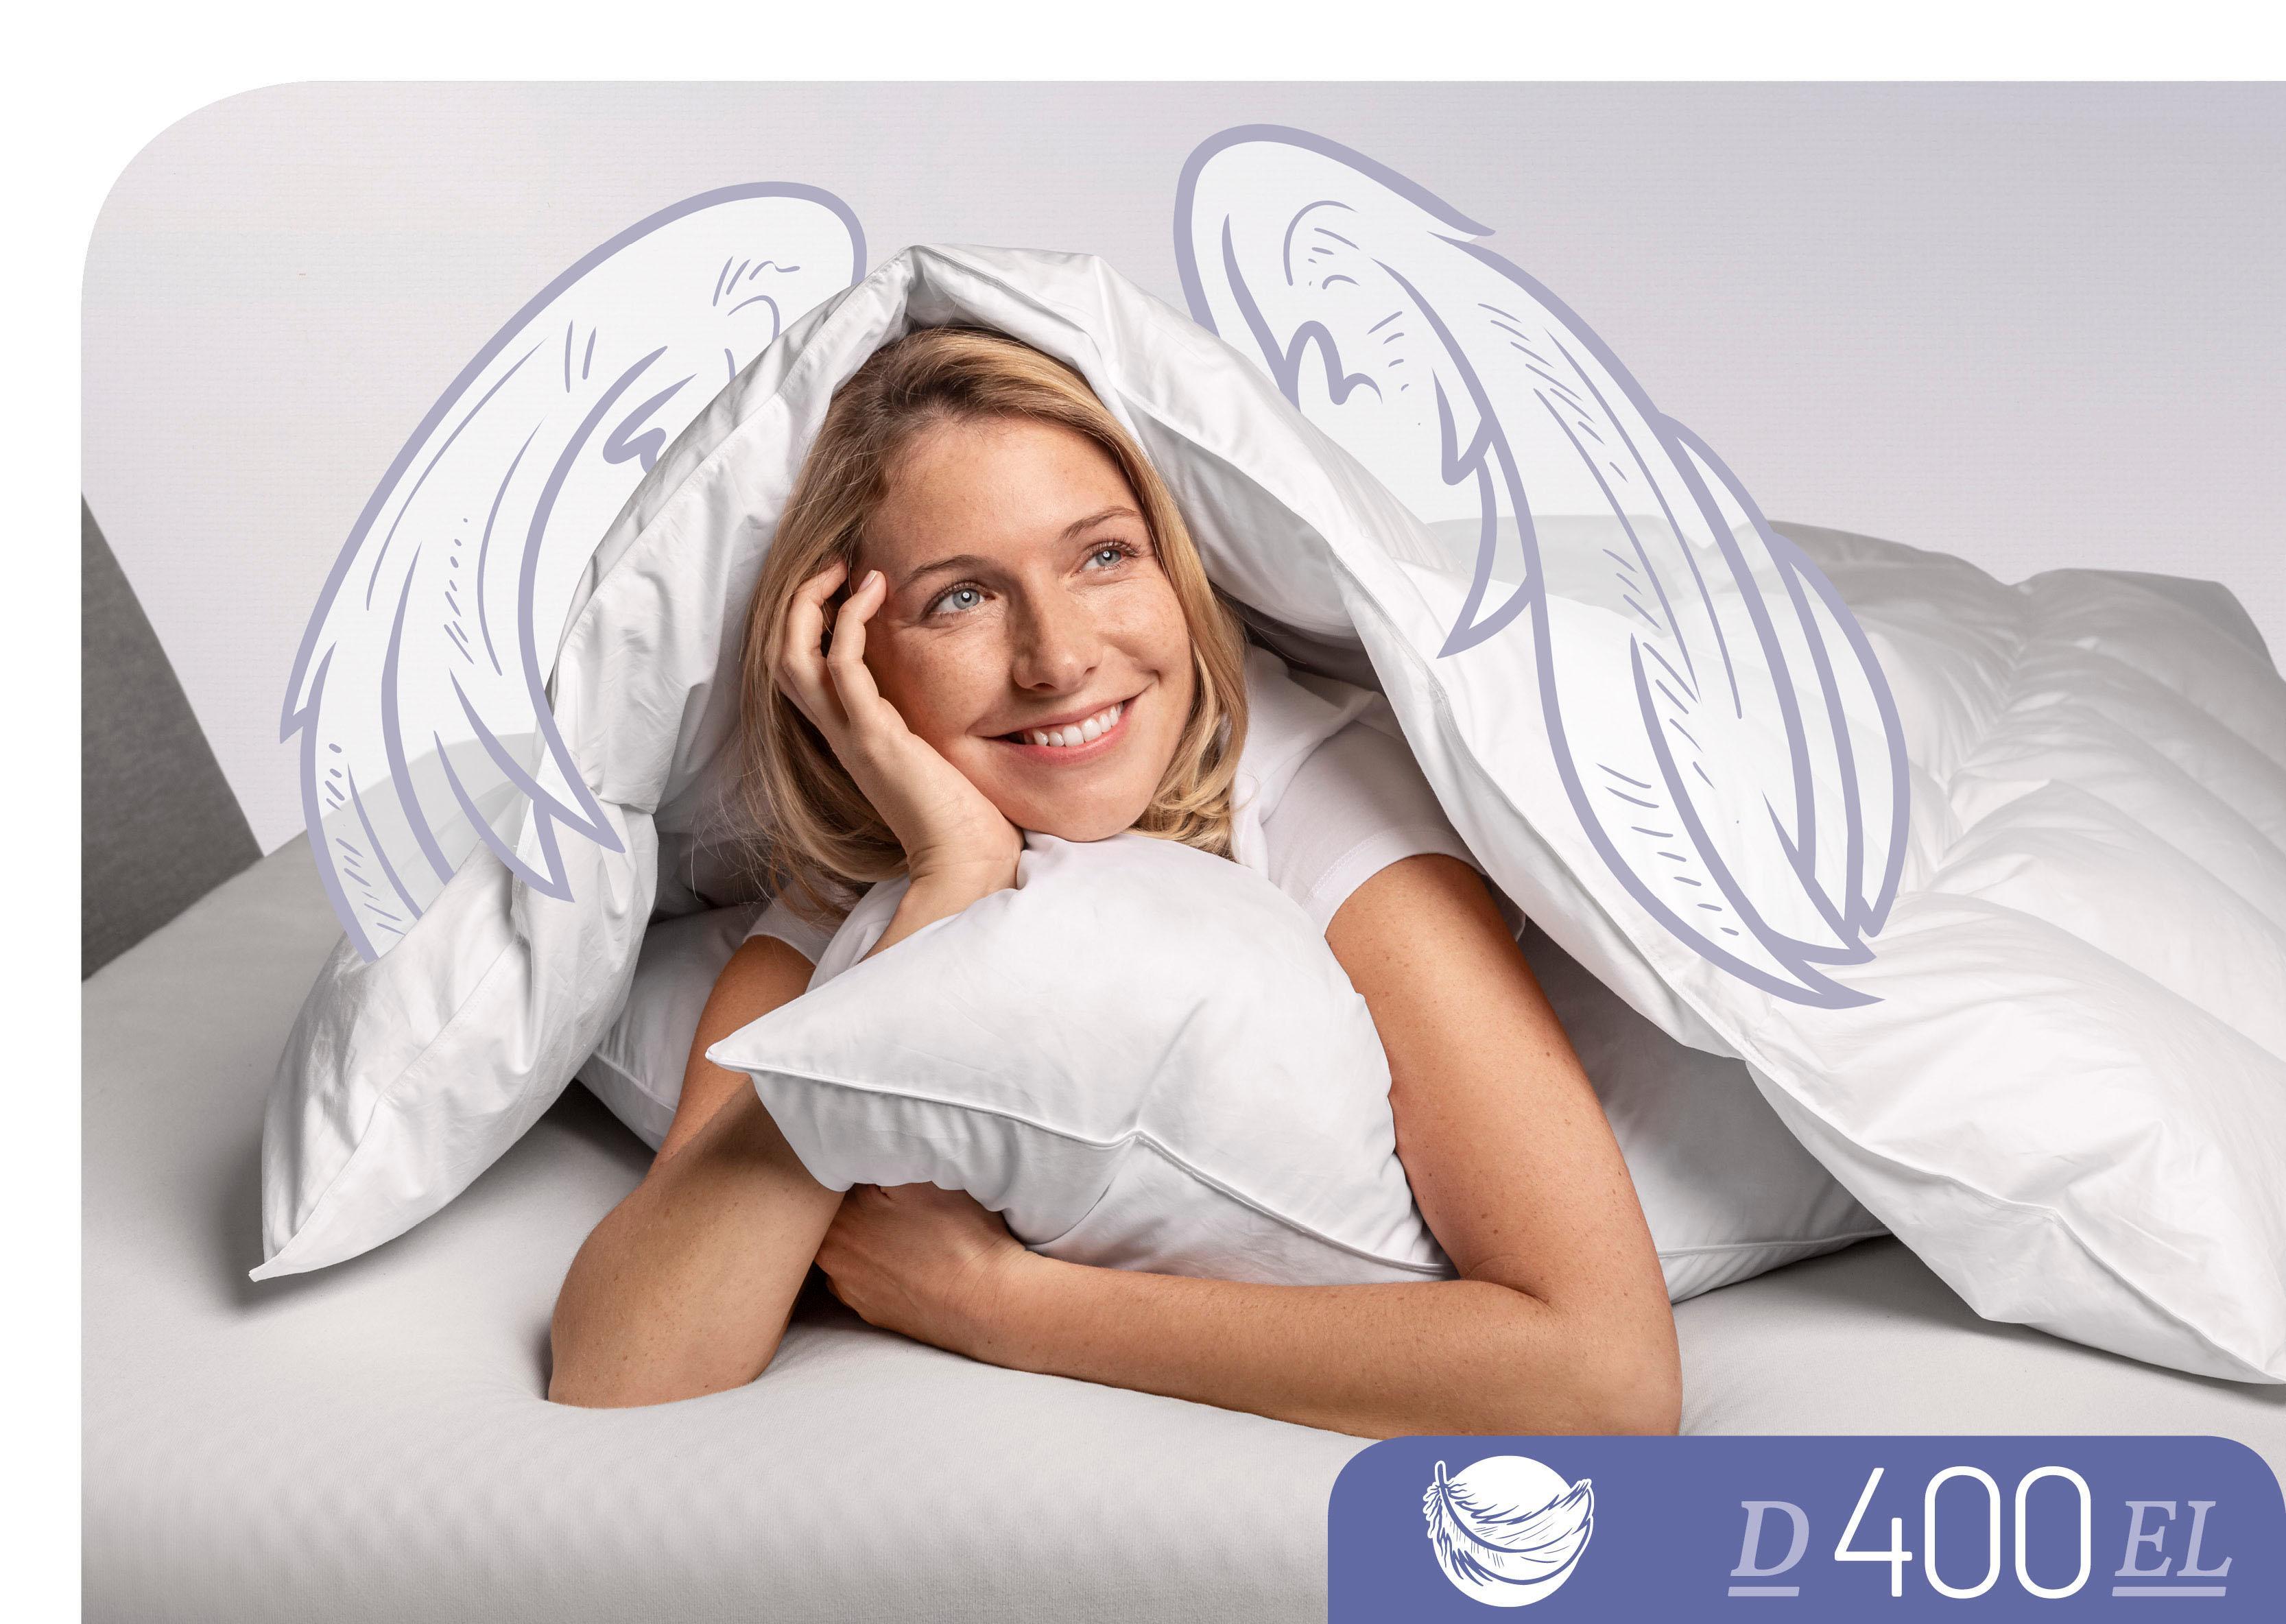 Daunenbettdecke D400 Schlafstil extraleicht Füllung: 90% Daunen 10% Federn Bezug: 100% Baumwolle